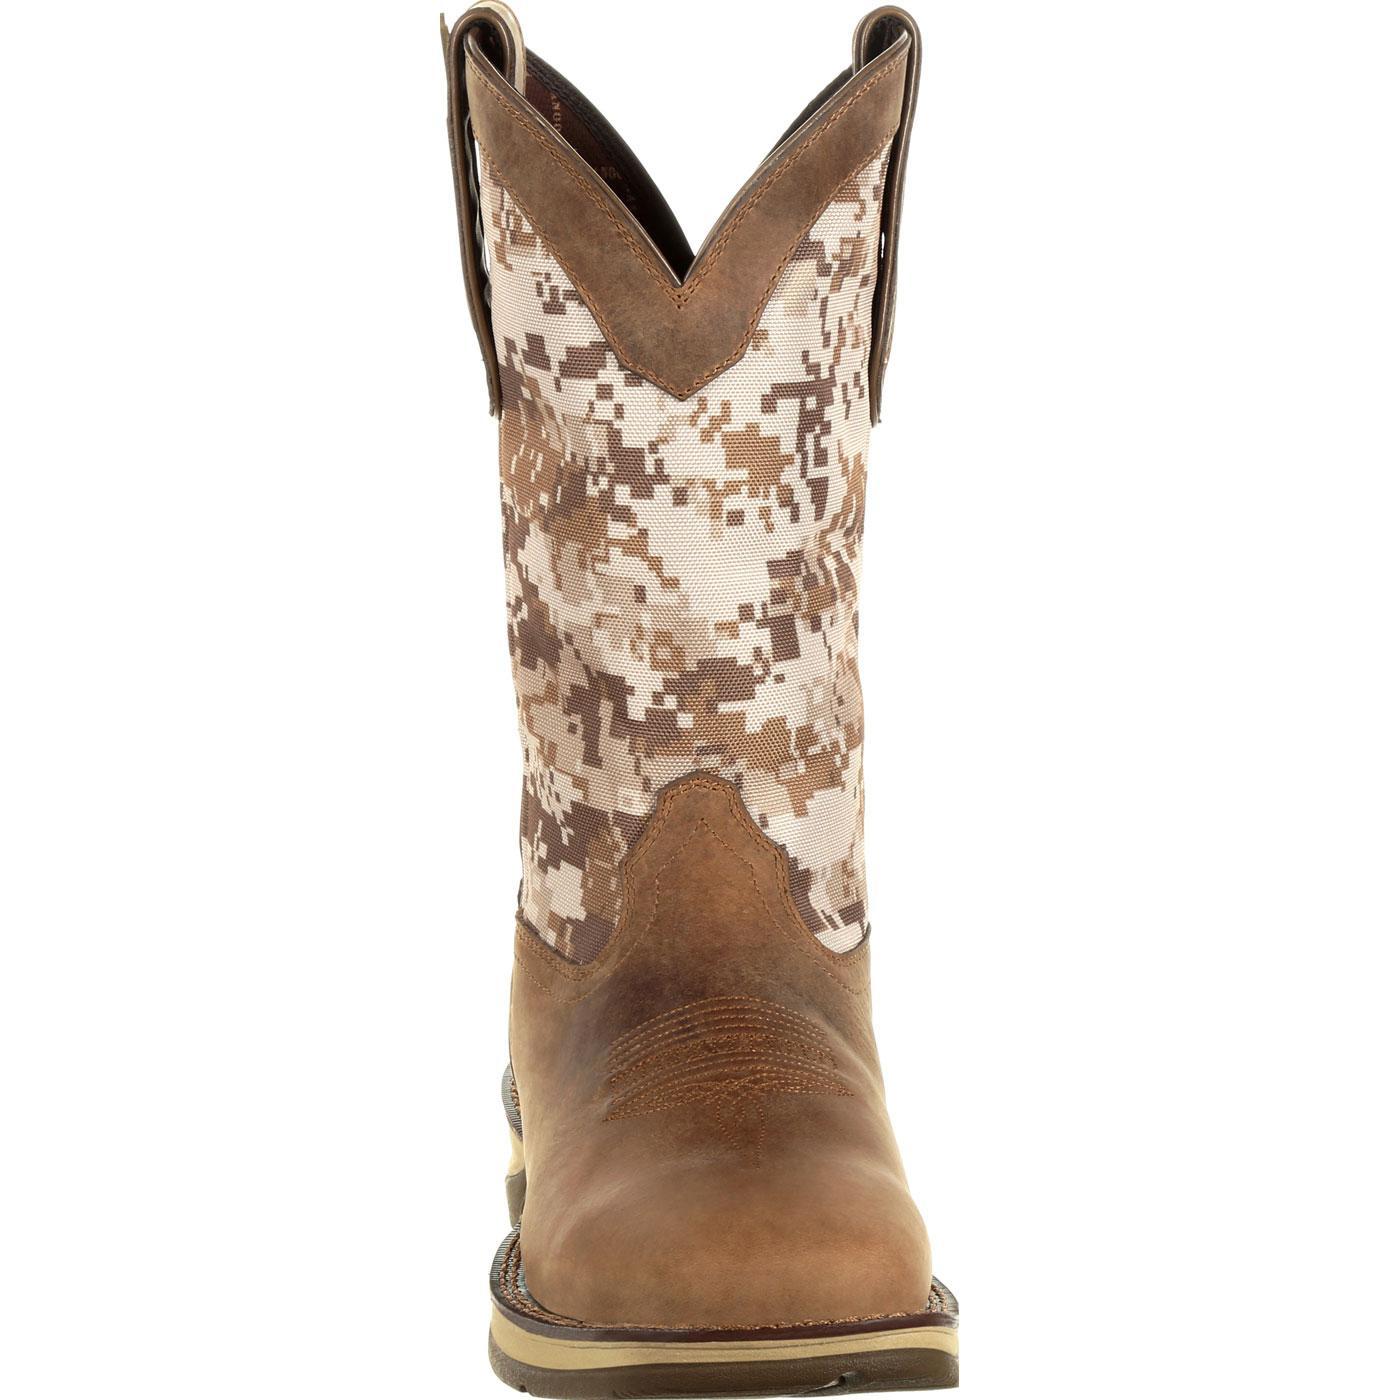 e0e41ca6679 Rebel by Durango Desert Camo Pull-on Western Boot